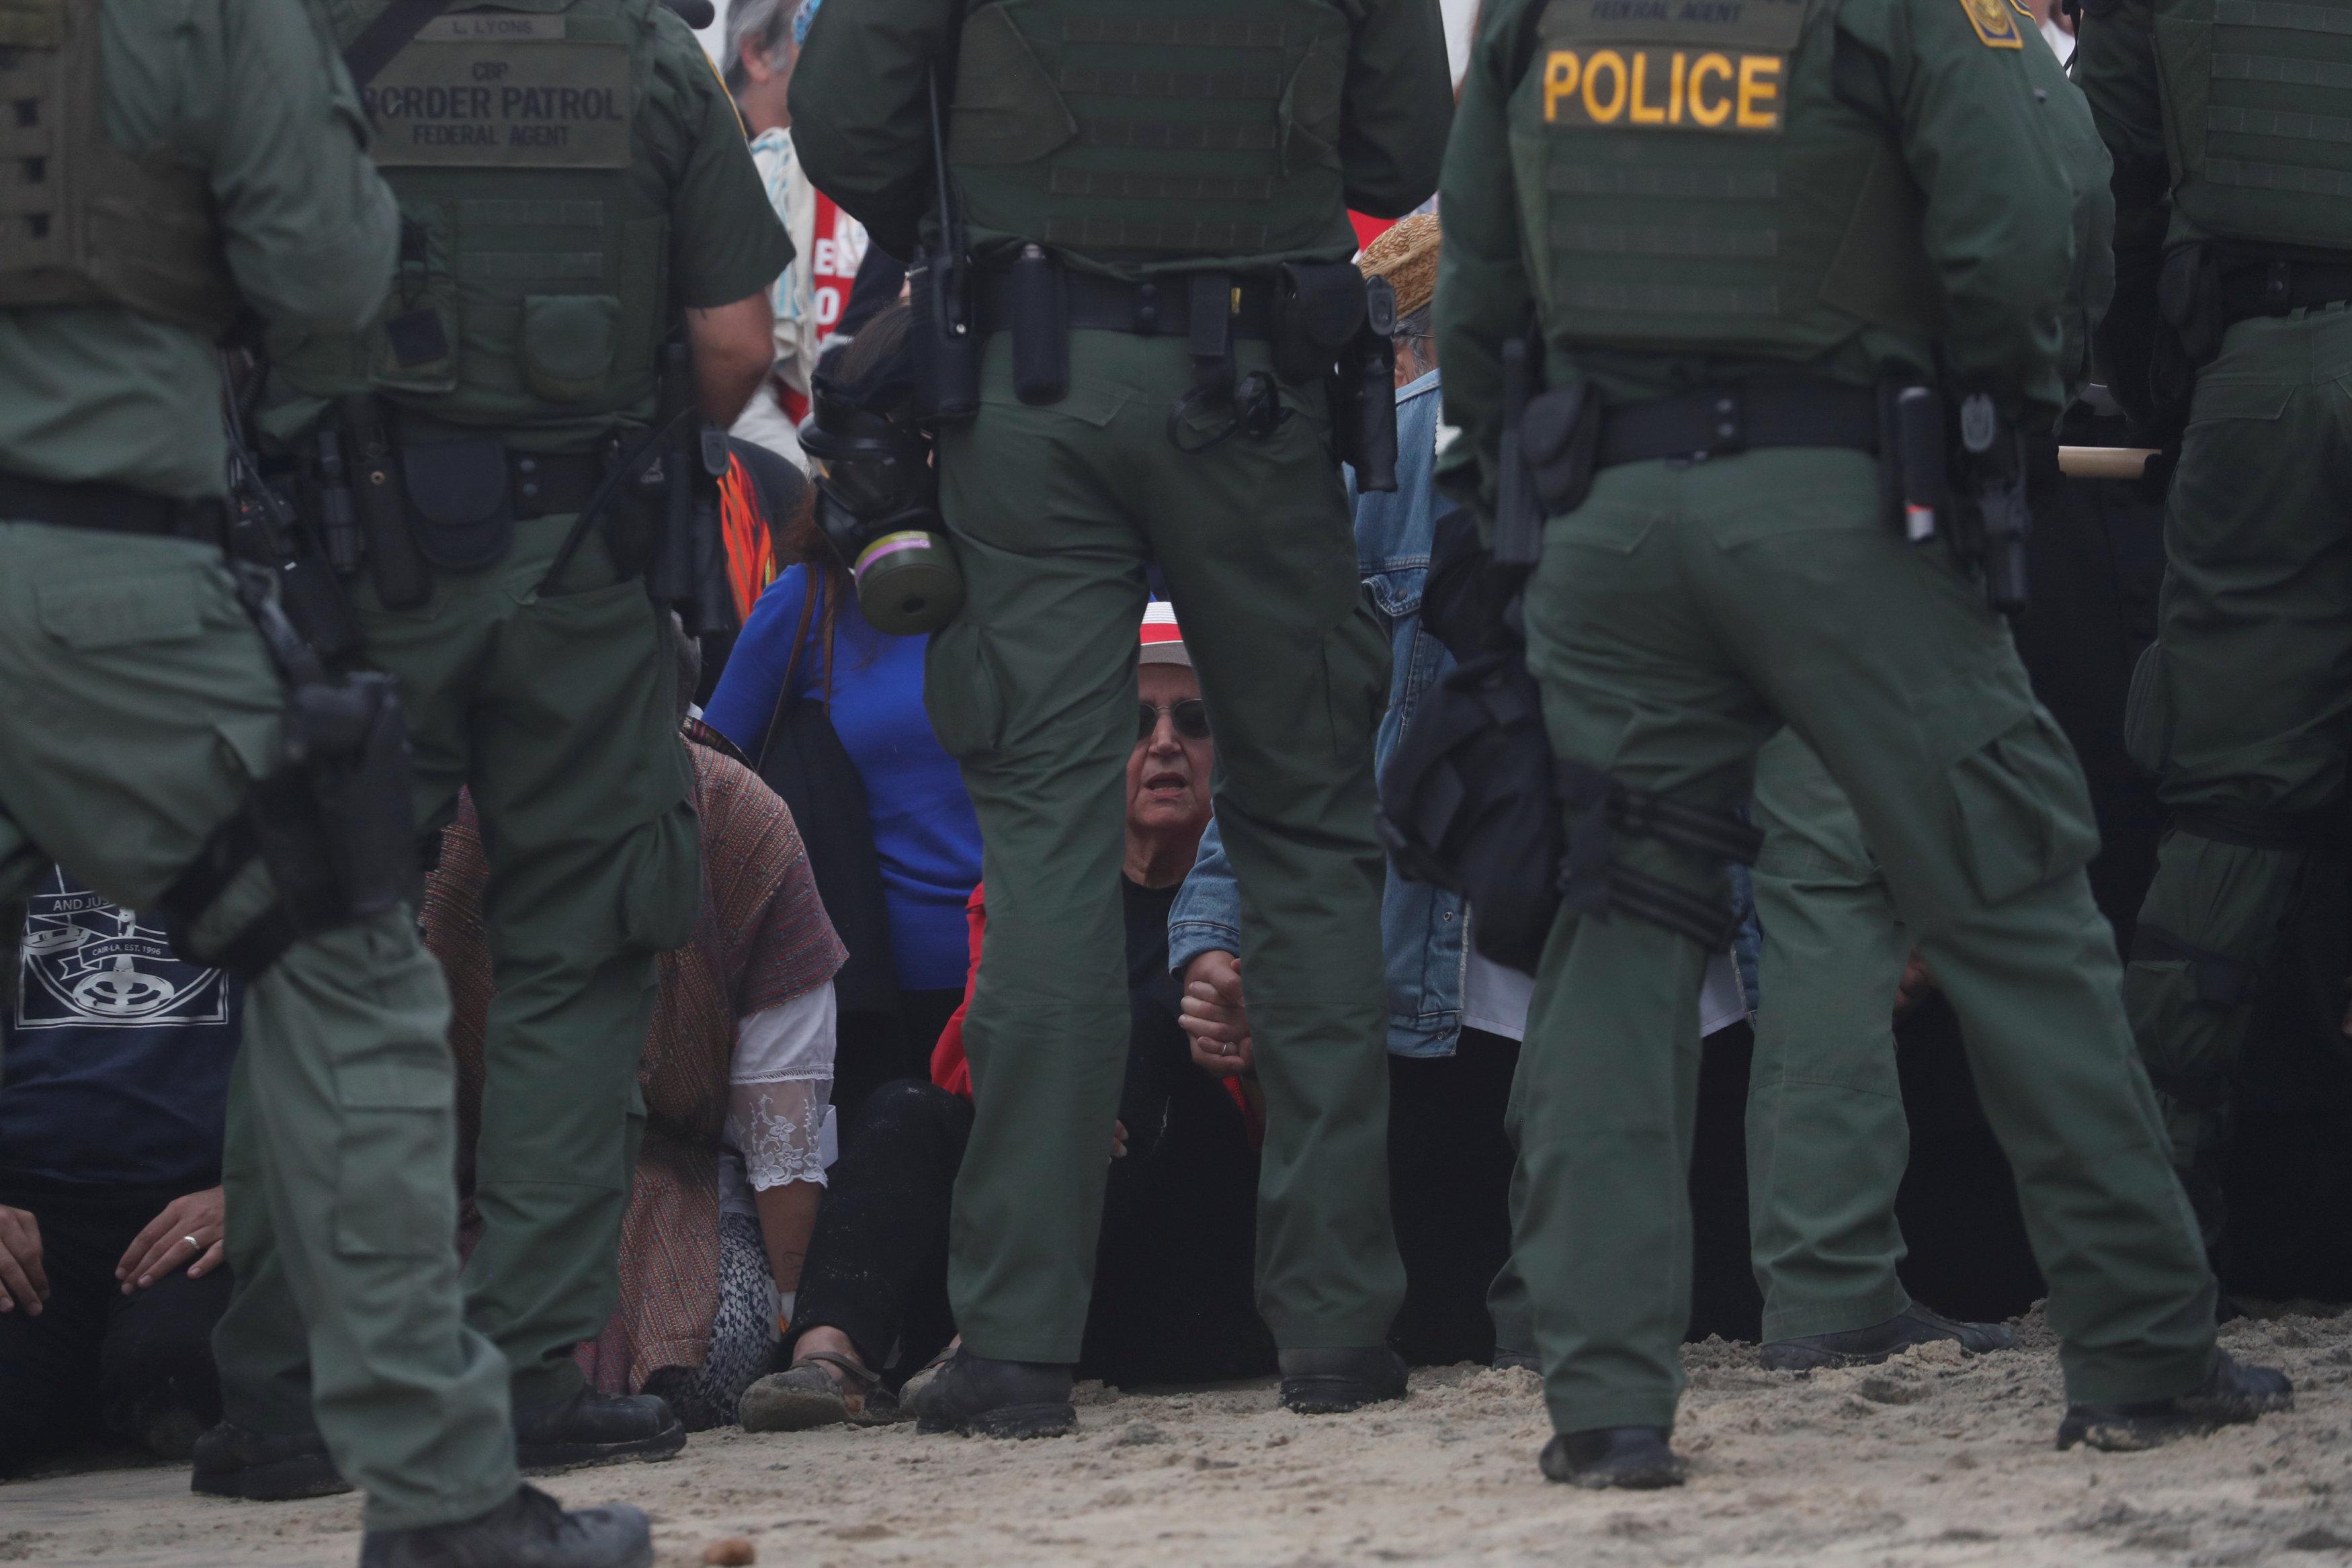 اعتقال مهاجرين على الجانب الأمريكى من الحدود مع المكسيك  (8)